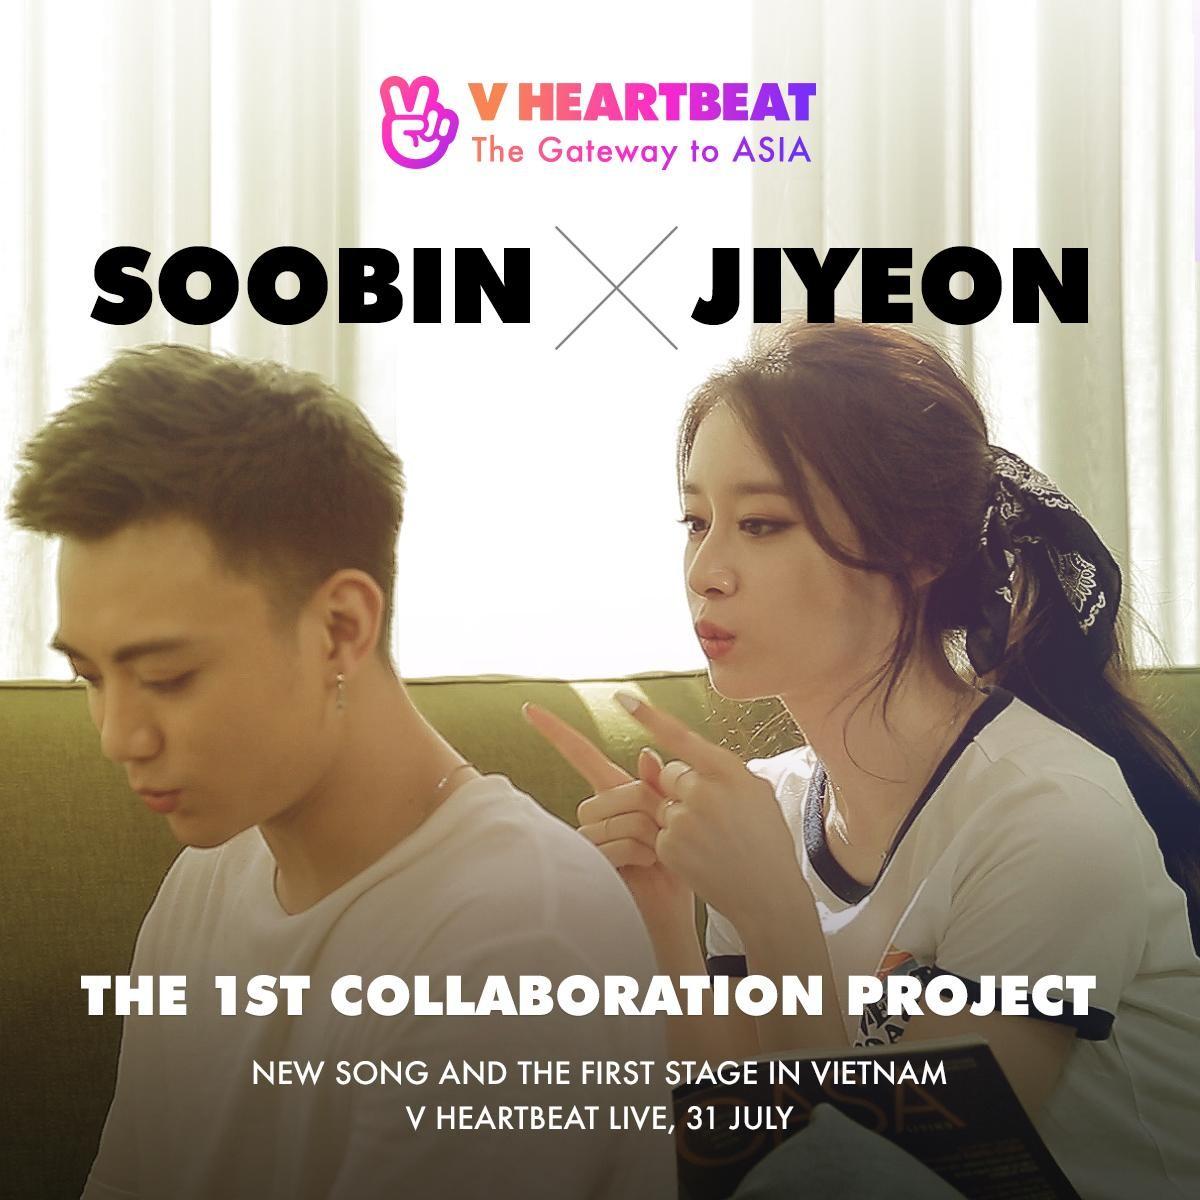 Soobin Hoàng Sơn và Ji Yeon sẽ ra mắt sản phẩm chung vào tháng 7 3